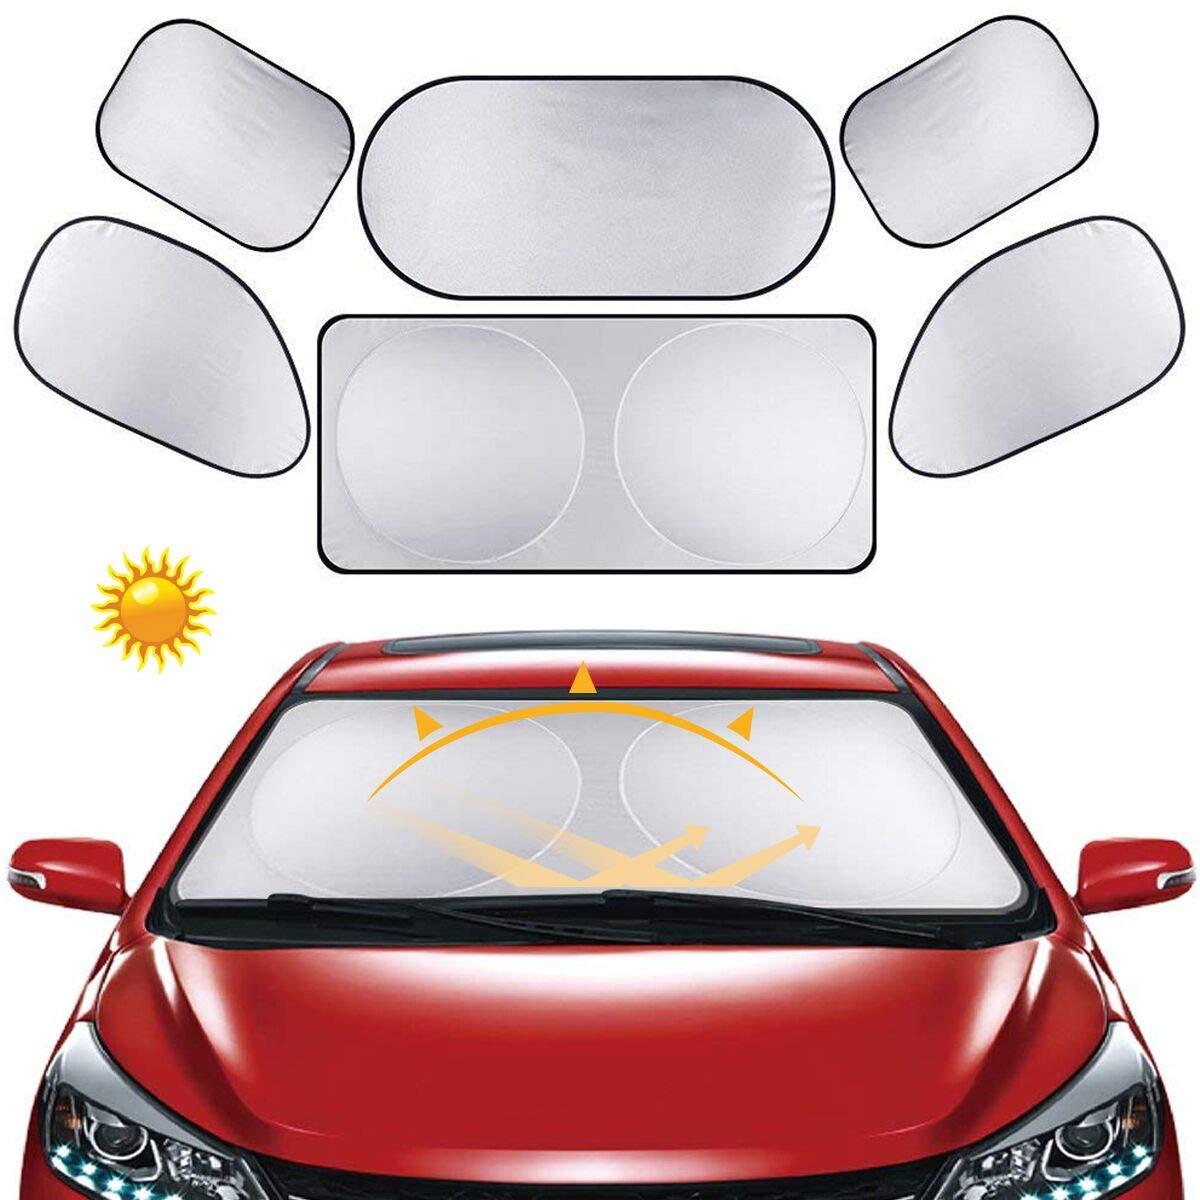 6 * Parasol Universal de Coche - GLAMSVILL Portá til Parasoles de Coche Plegable, Proteja el interior de su vehí culo de los rayos UV Parasoles Para Automó vil Incluye 6 piezas en total 1 parasol frontal, 1 parasol trasero y 4 parasole